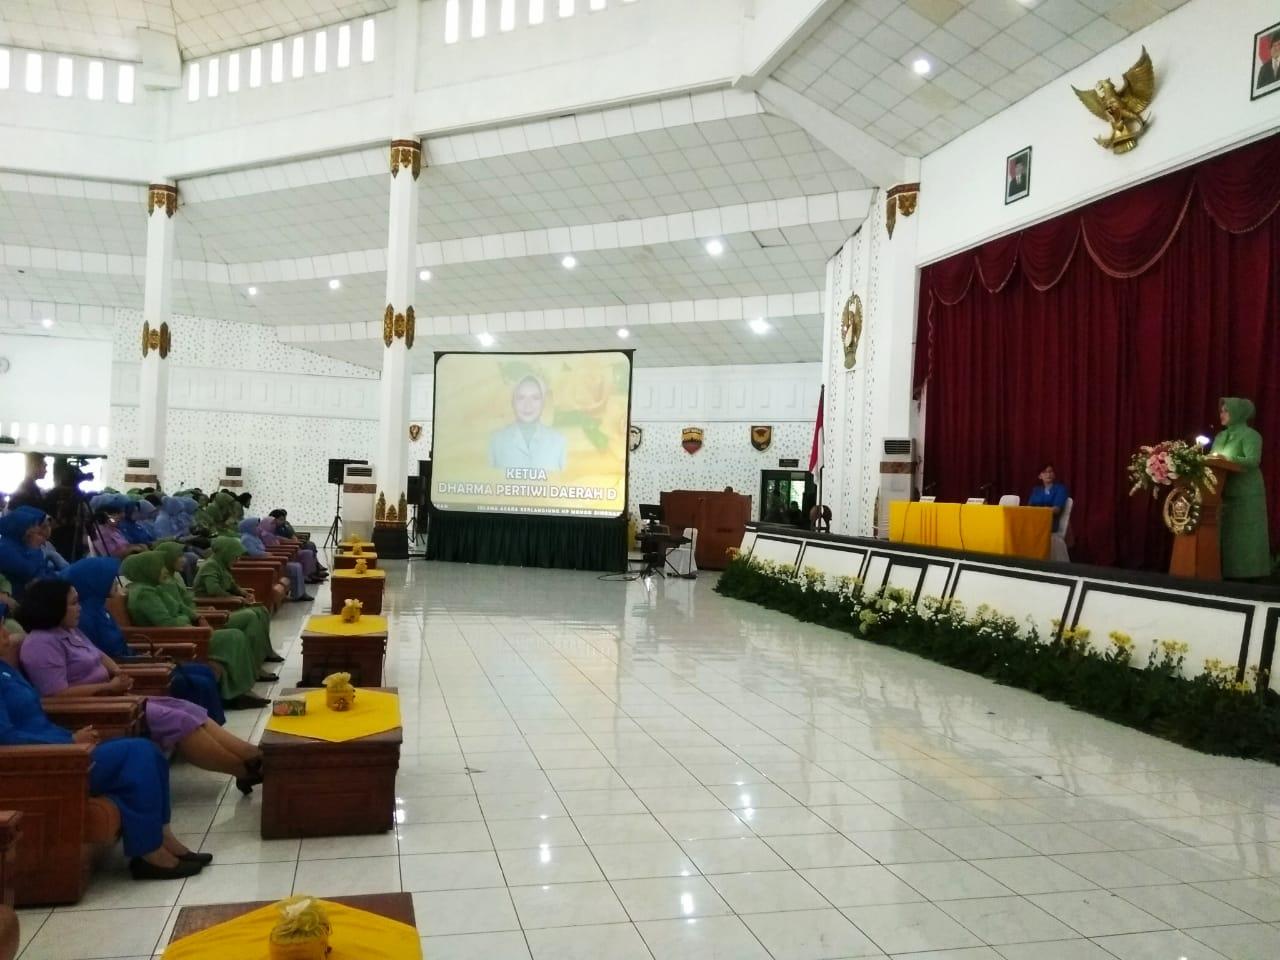 PIA Ardhya Garini Cab 2 / Gab. II Lanud Adisutjipto Hadiri Pertemuan Gabungan Dharma Pertiwi Daerah D